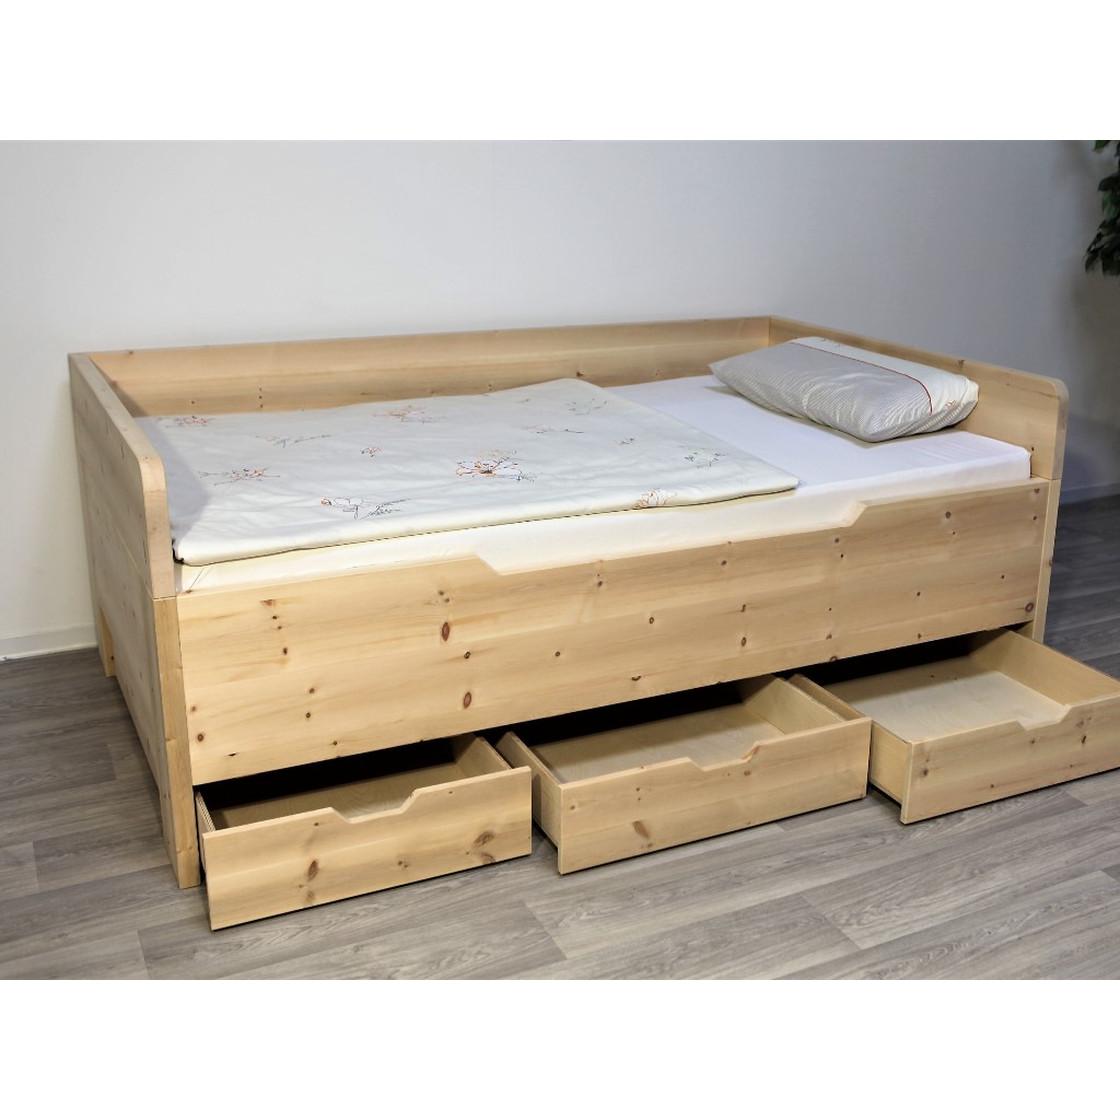 Full Size of Stauraum Bett 120x200 Ikea Betten Mit Aufbewahrung 160x200 Malm 180x200 Bettkasten 200x200 Amazon Ausziehbares 1 40 Jugend Buche Tagesdecken Für Rauch Holz Wohnzimmer Stauraum Bett 120x200 Ikea